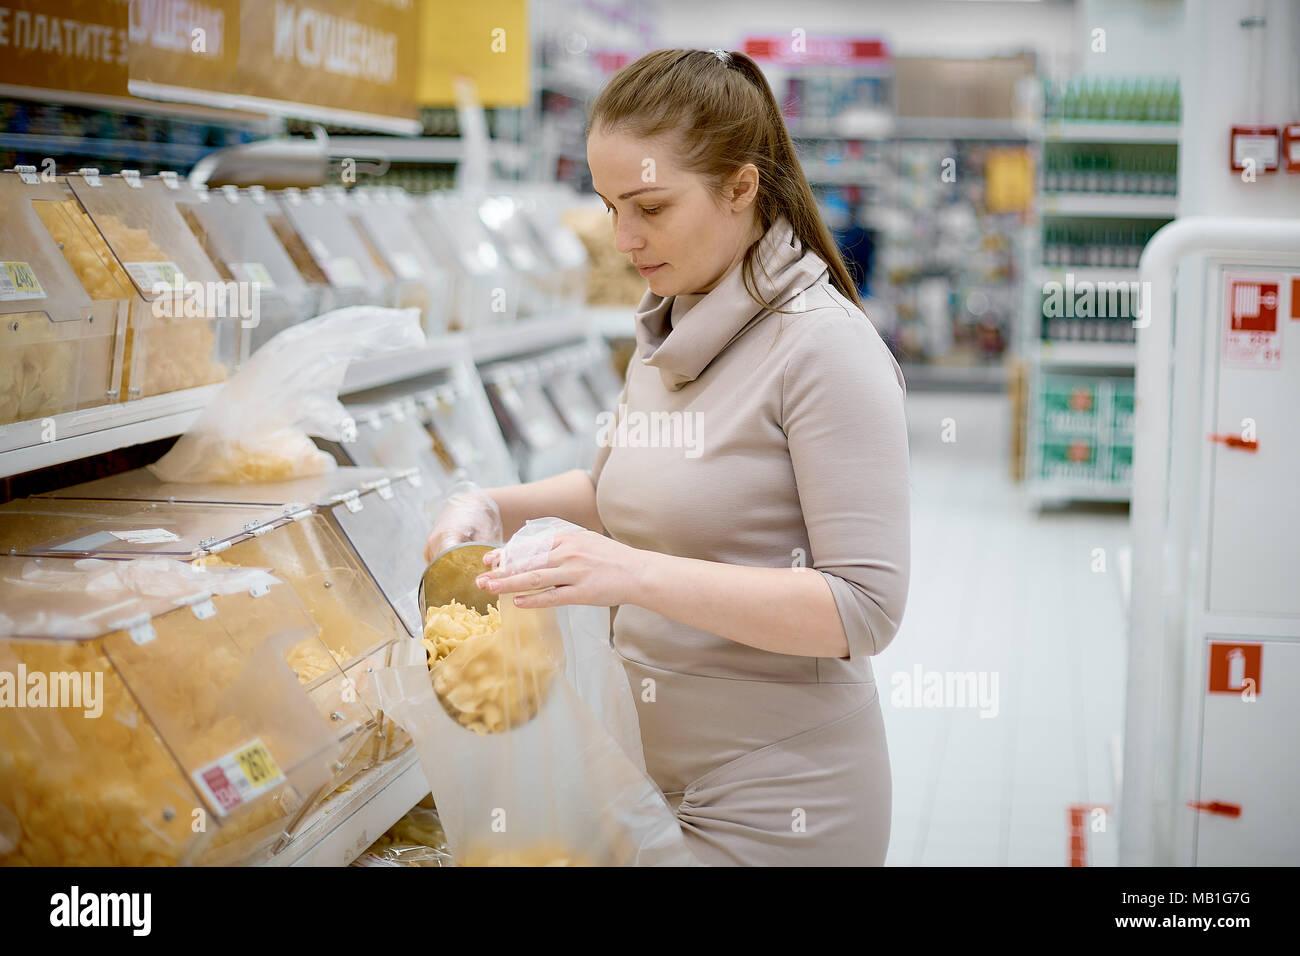 Hermosa joven mujer compra fichas sobre peso en supermercados supermercado Imagen De Stock